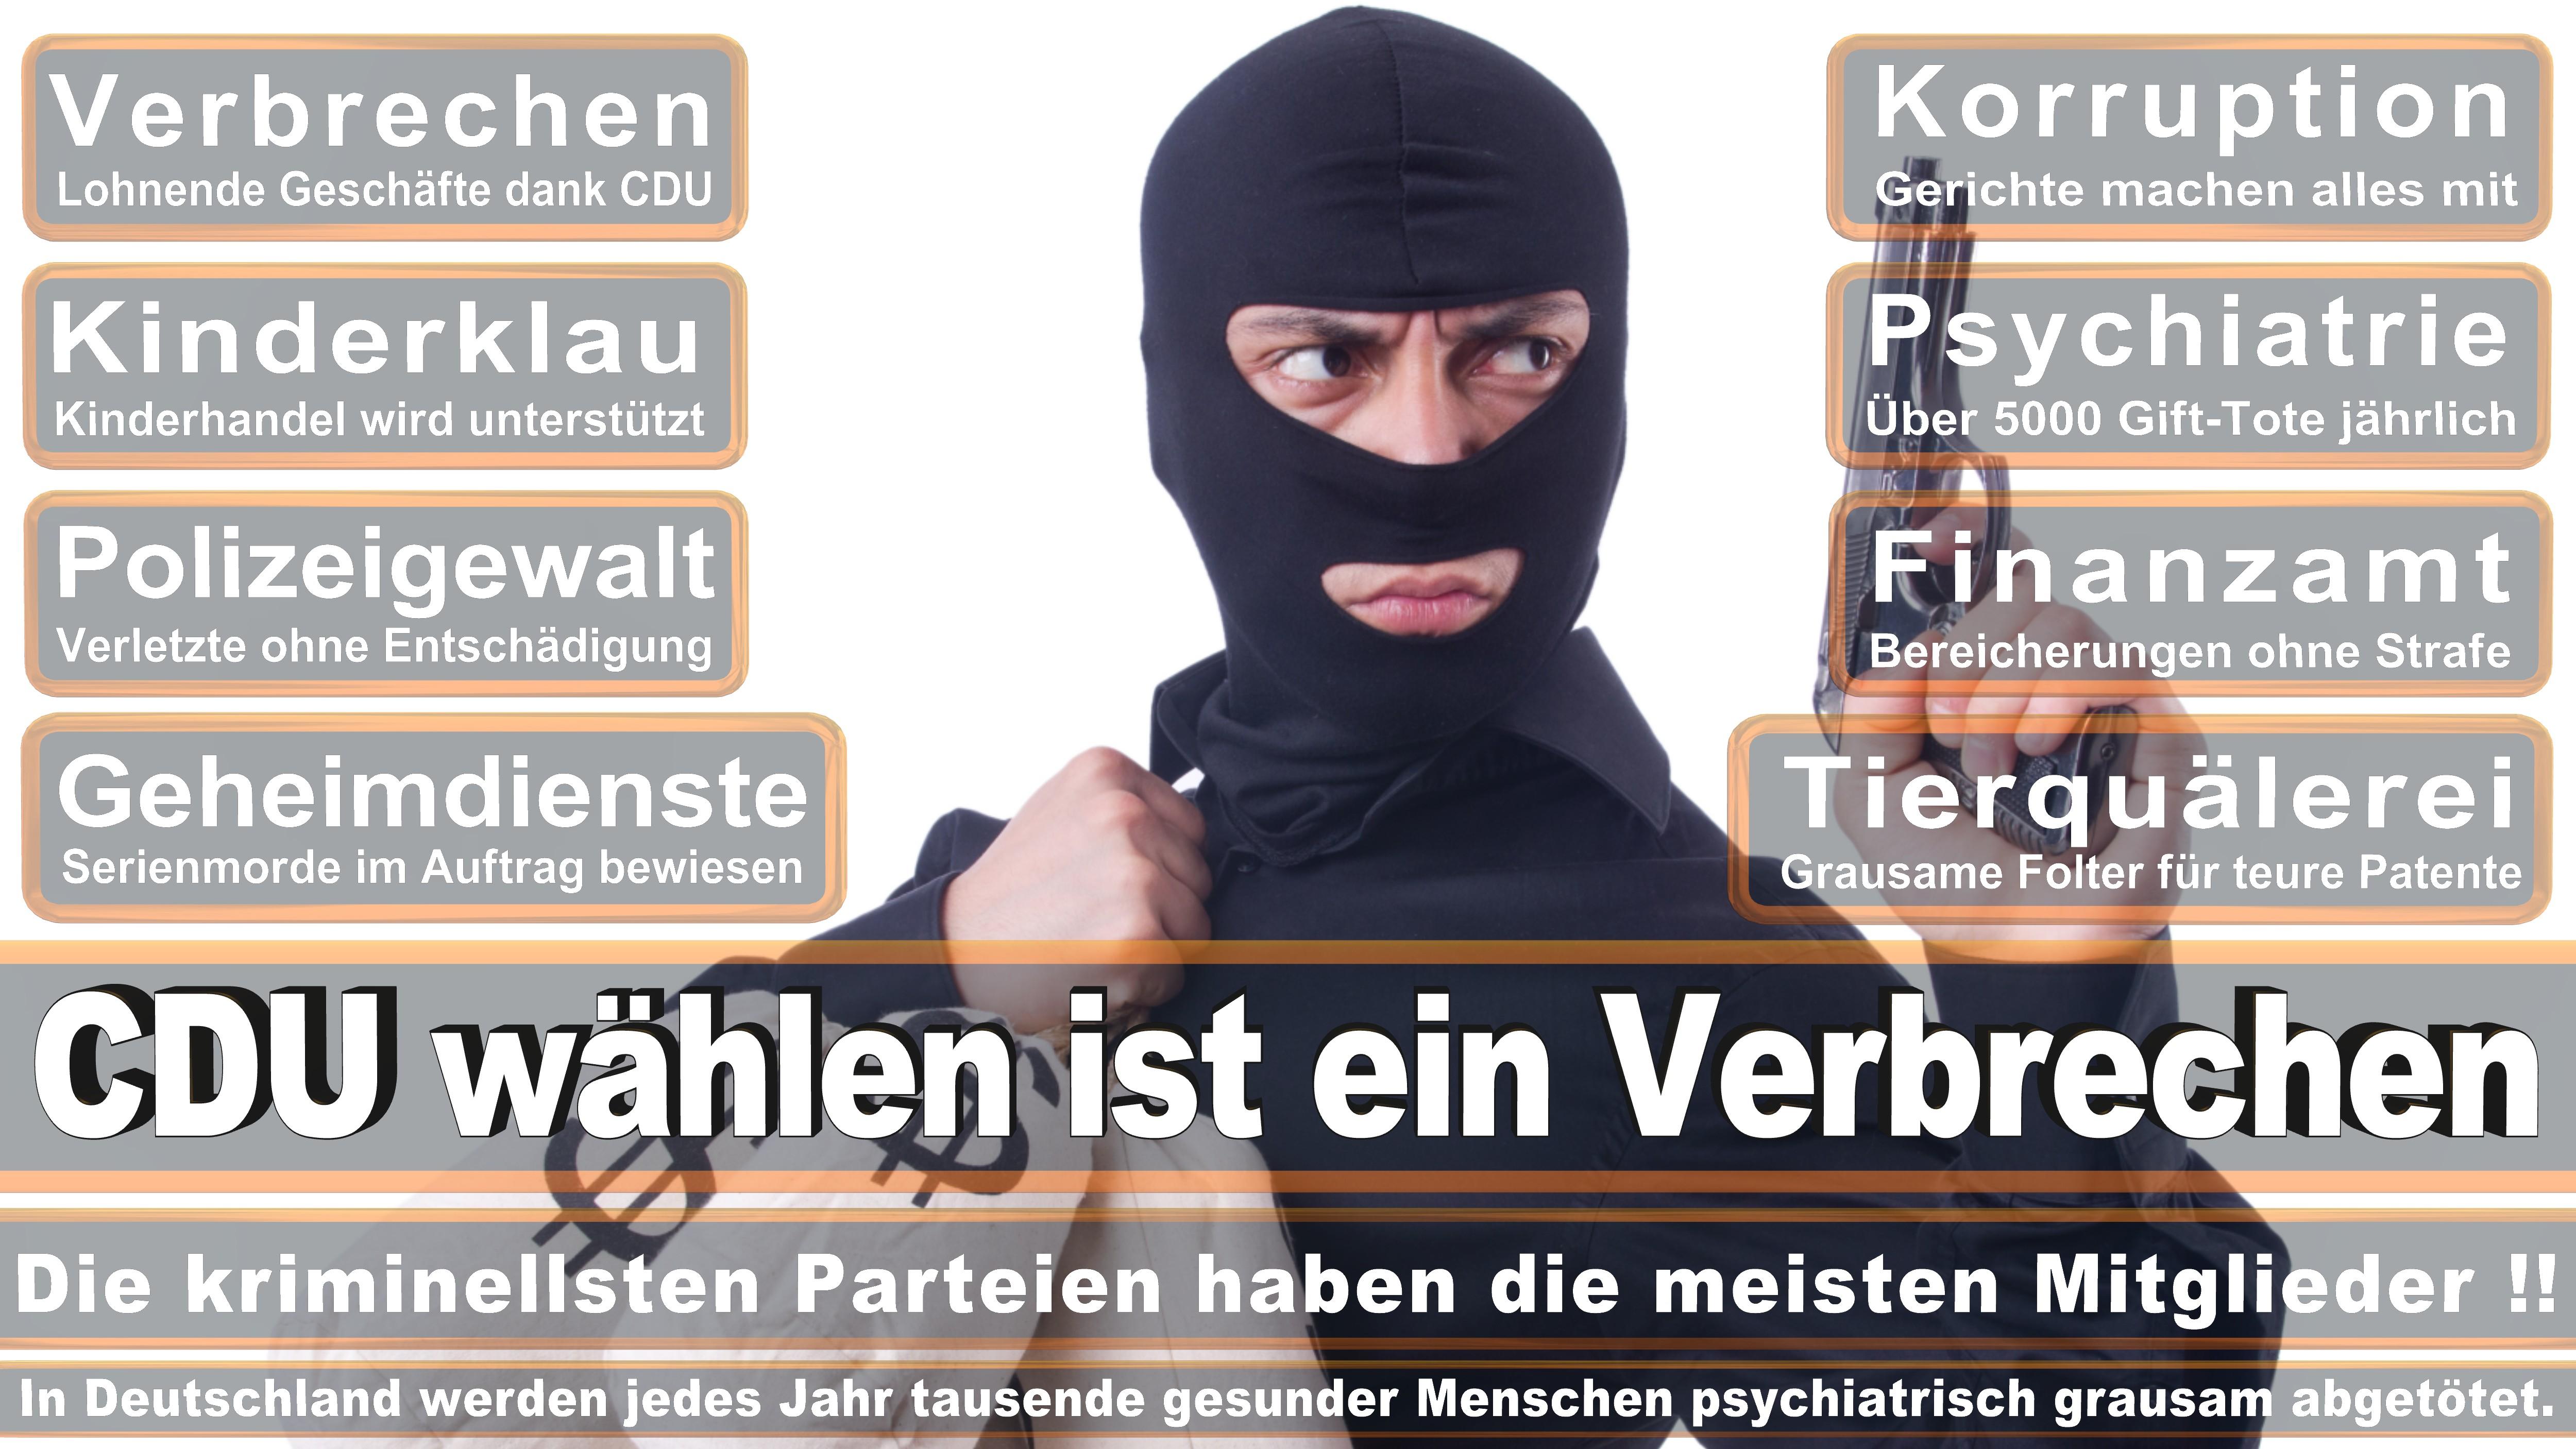 Petra Nicolaisen CDU CSU Politiker